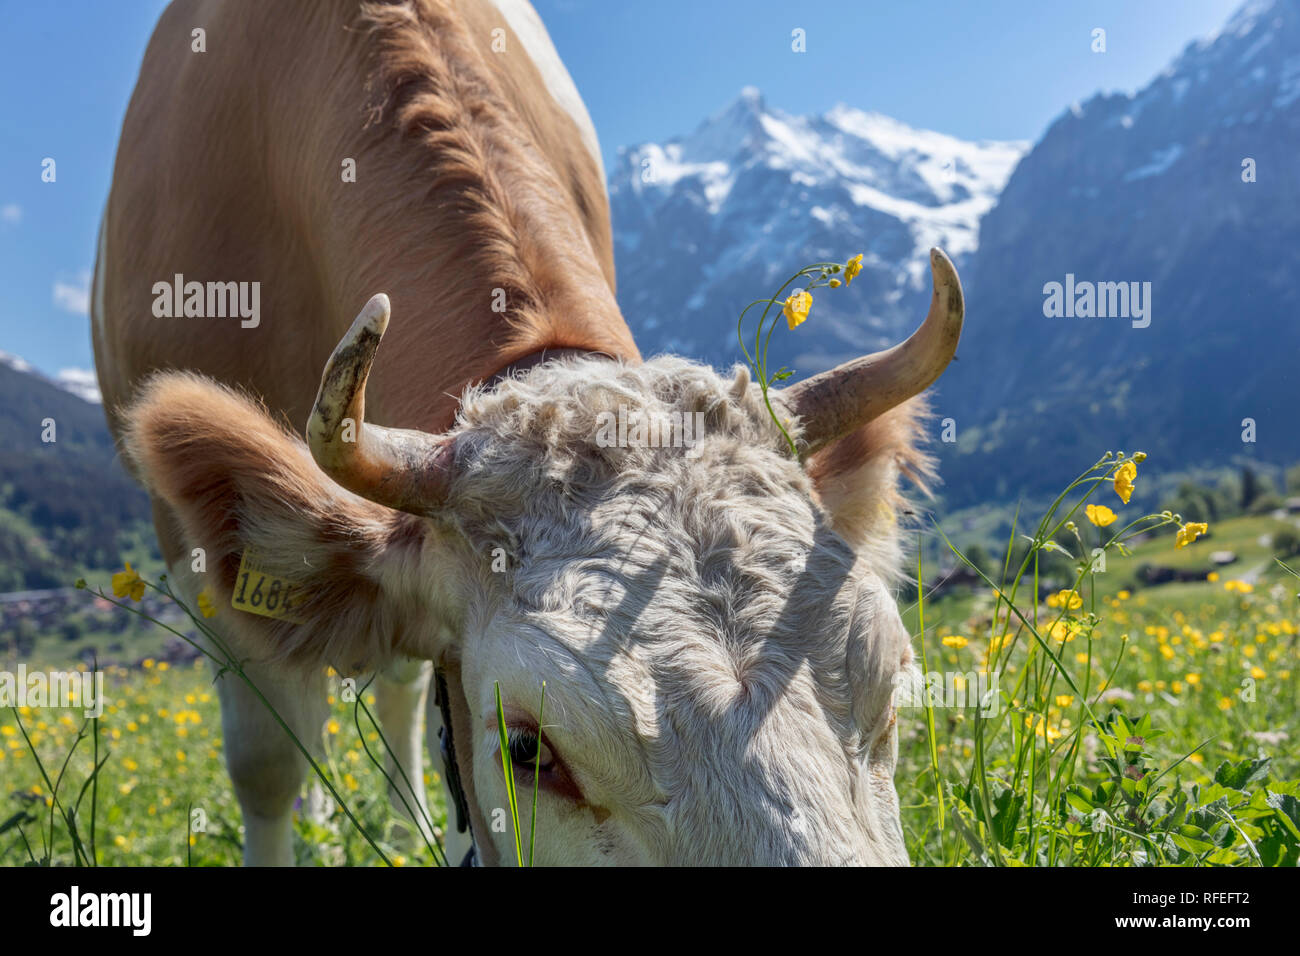 La Suisse, les Alpes, Berner Oberland, Grindelwald. Au printemps. Vache. Simmental. Banque D'Images